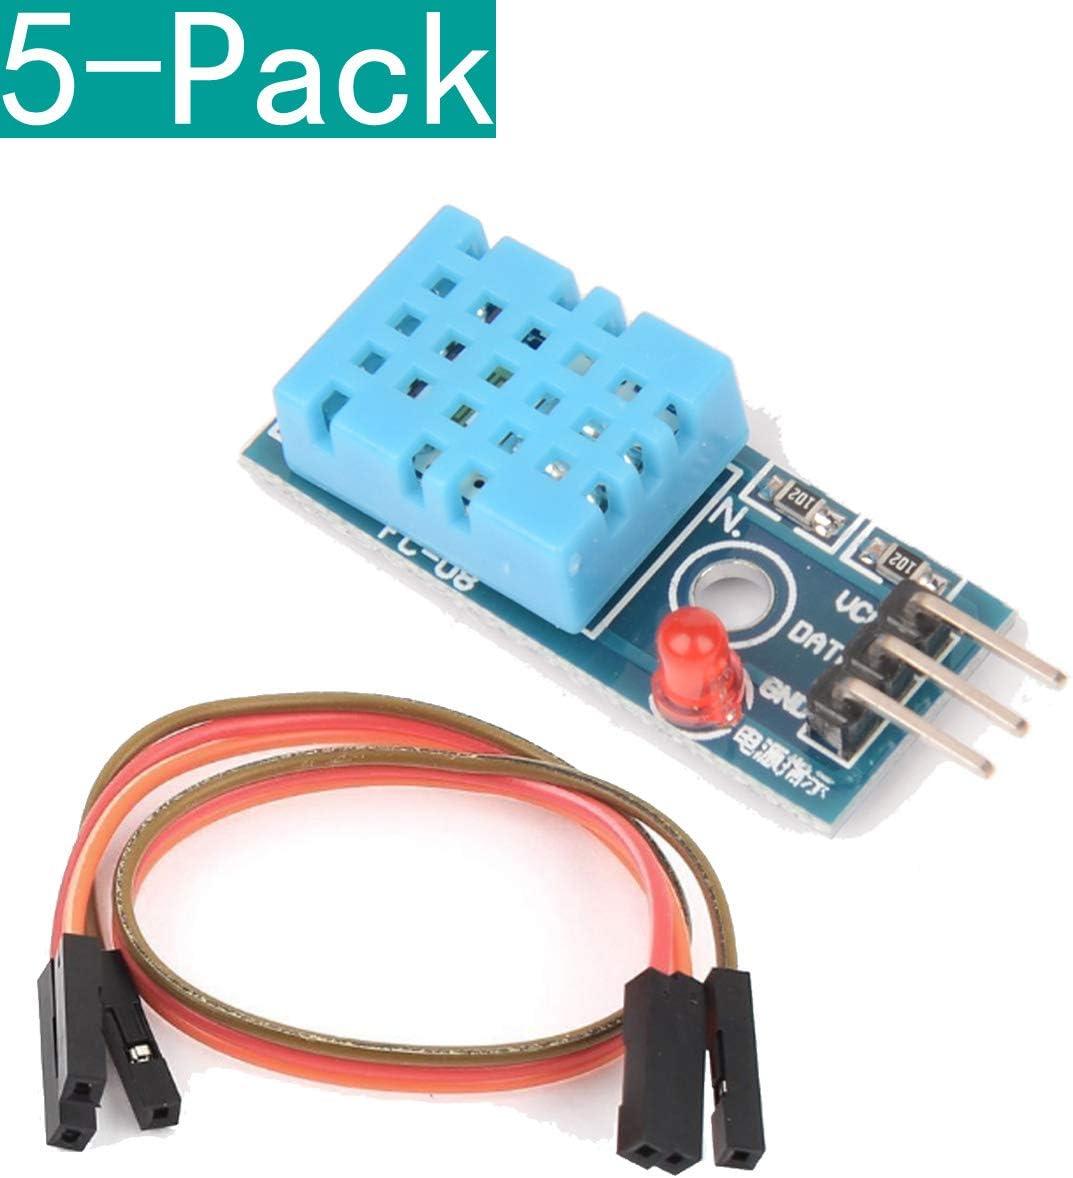 Youmile 5 Pack DHT11 Módulo de Sensor de Temperatura y Humedad Relativa para arduino: Amazon.es: Electrónica